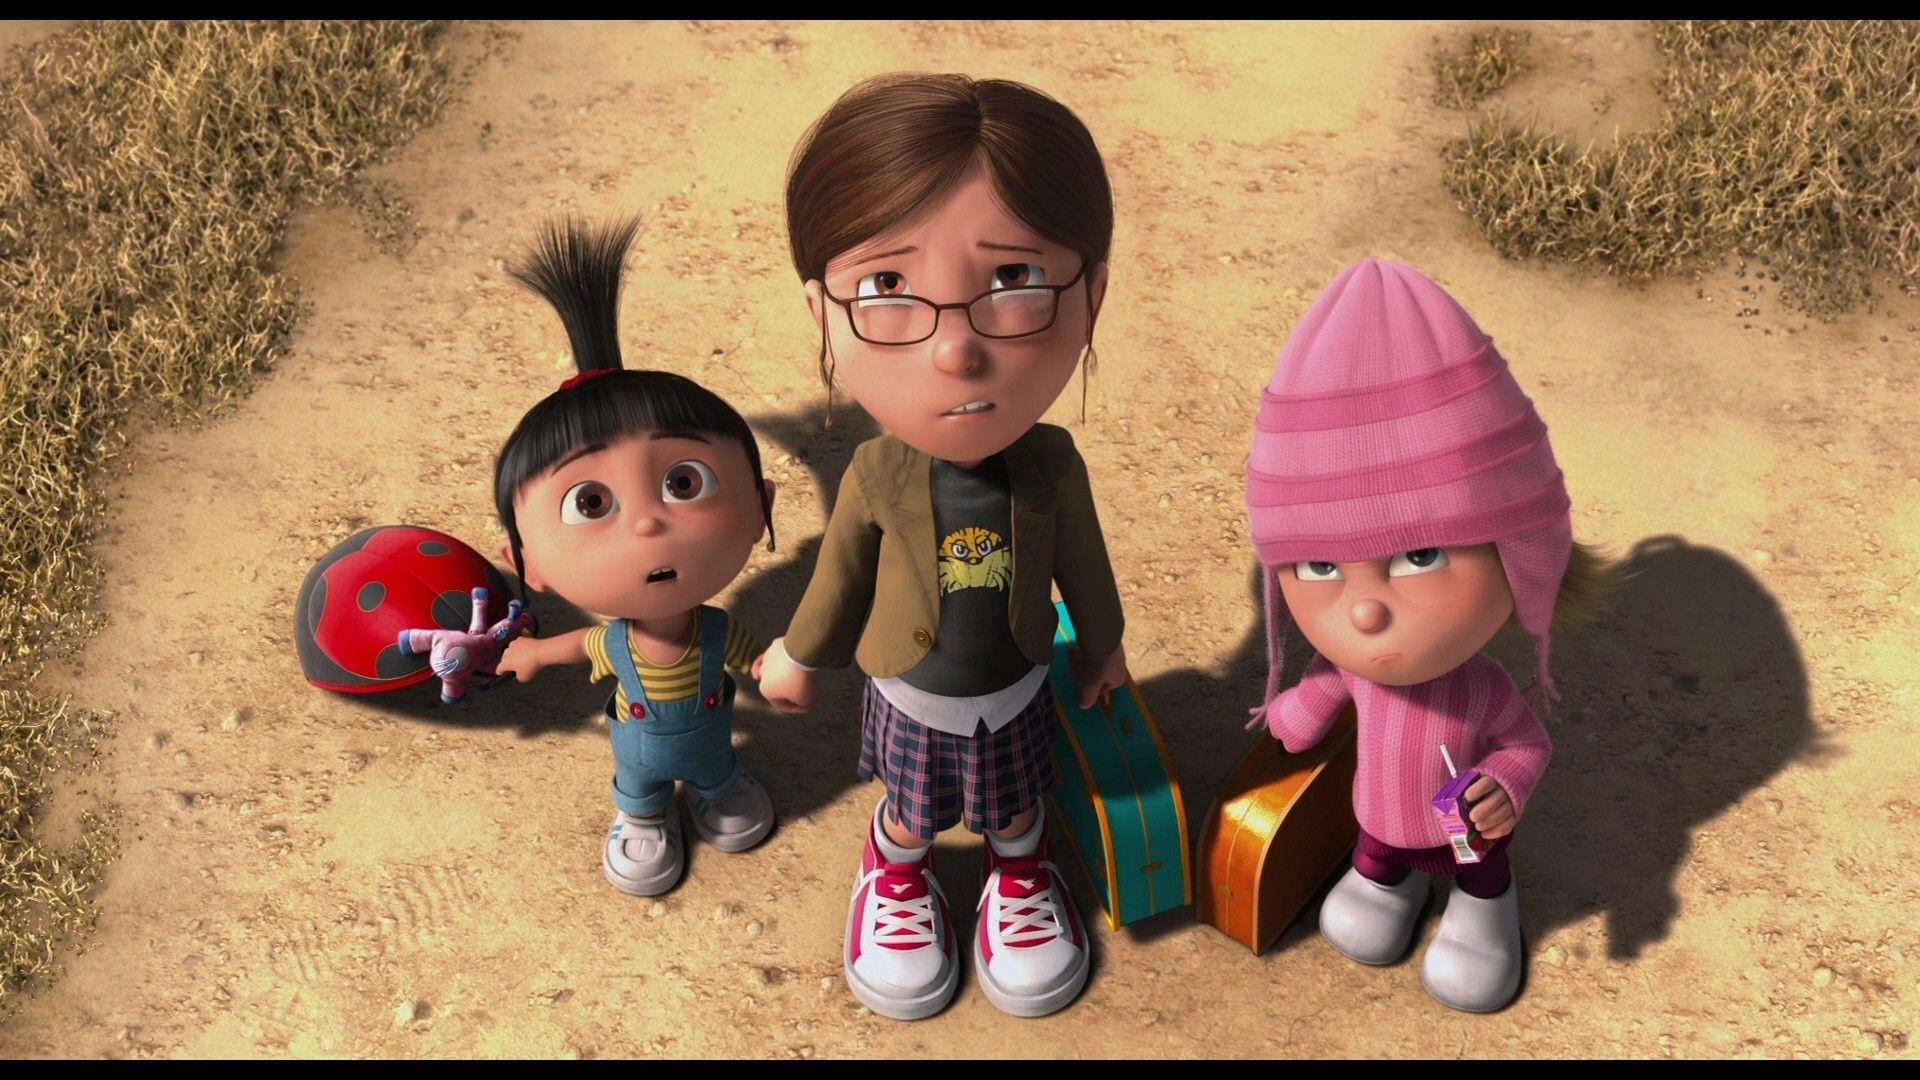 Agnes Despicable Me Wallpaper 68 Images Agnes Despicable Me Despicable Me Kid Movies